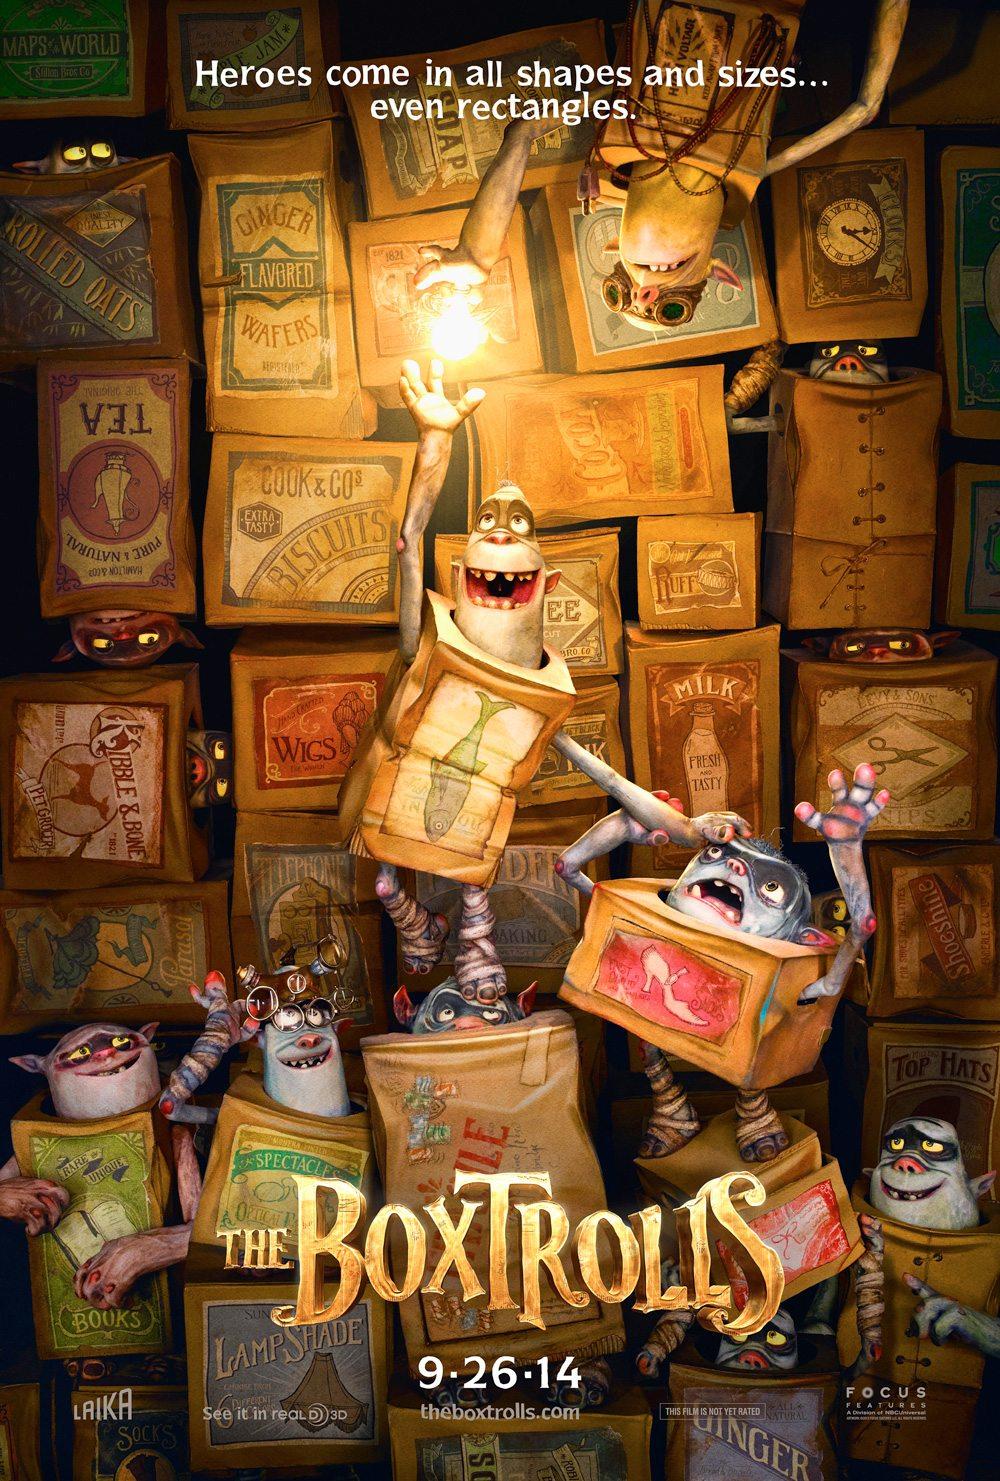 Boxtrolls teaser poster